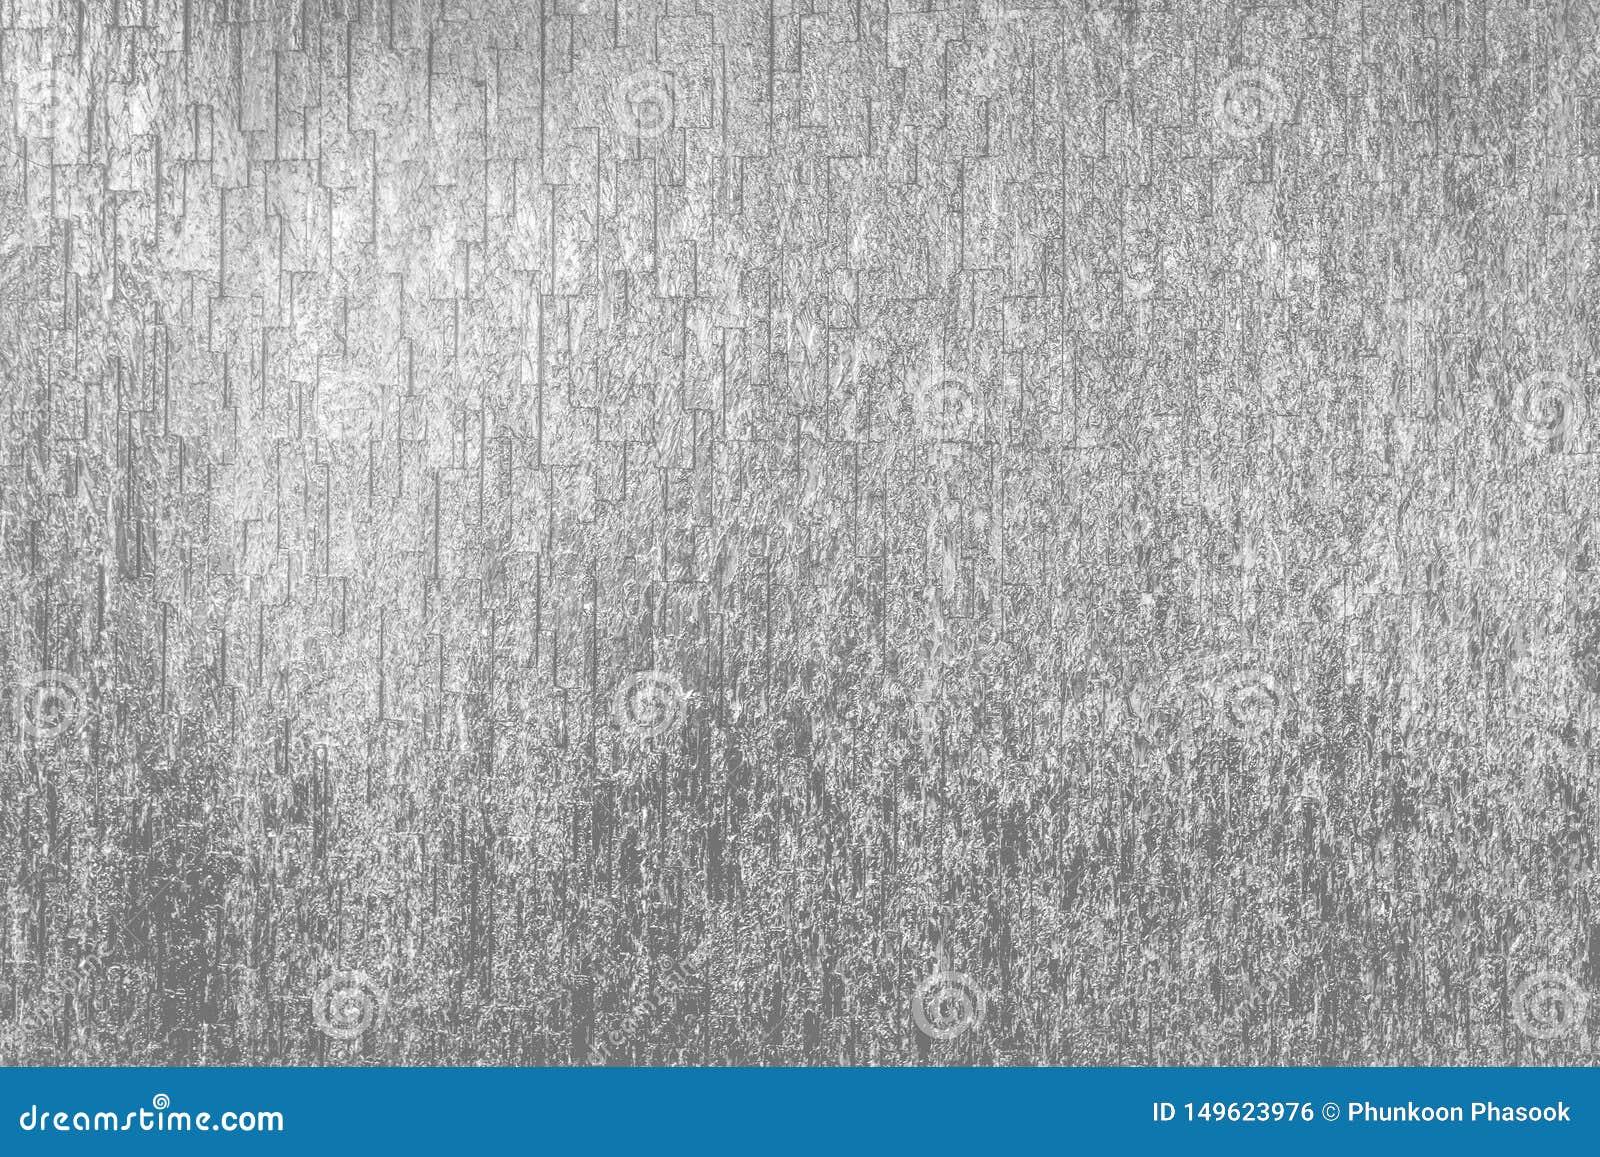 发光的银色石墙纹理和背景